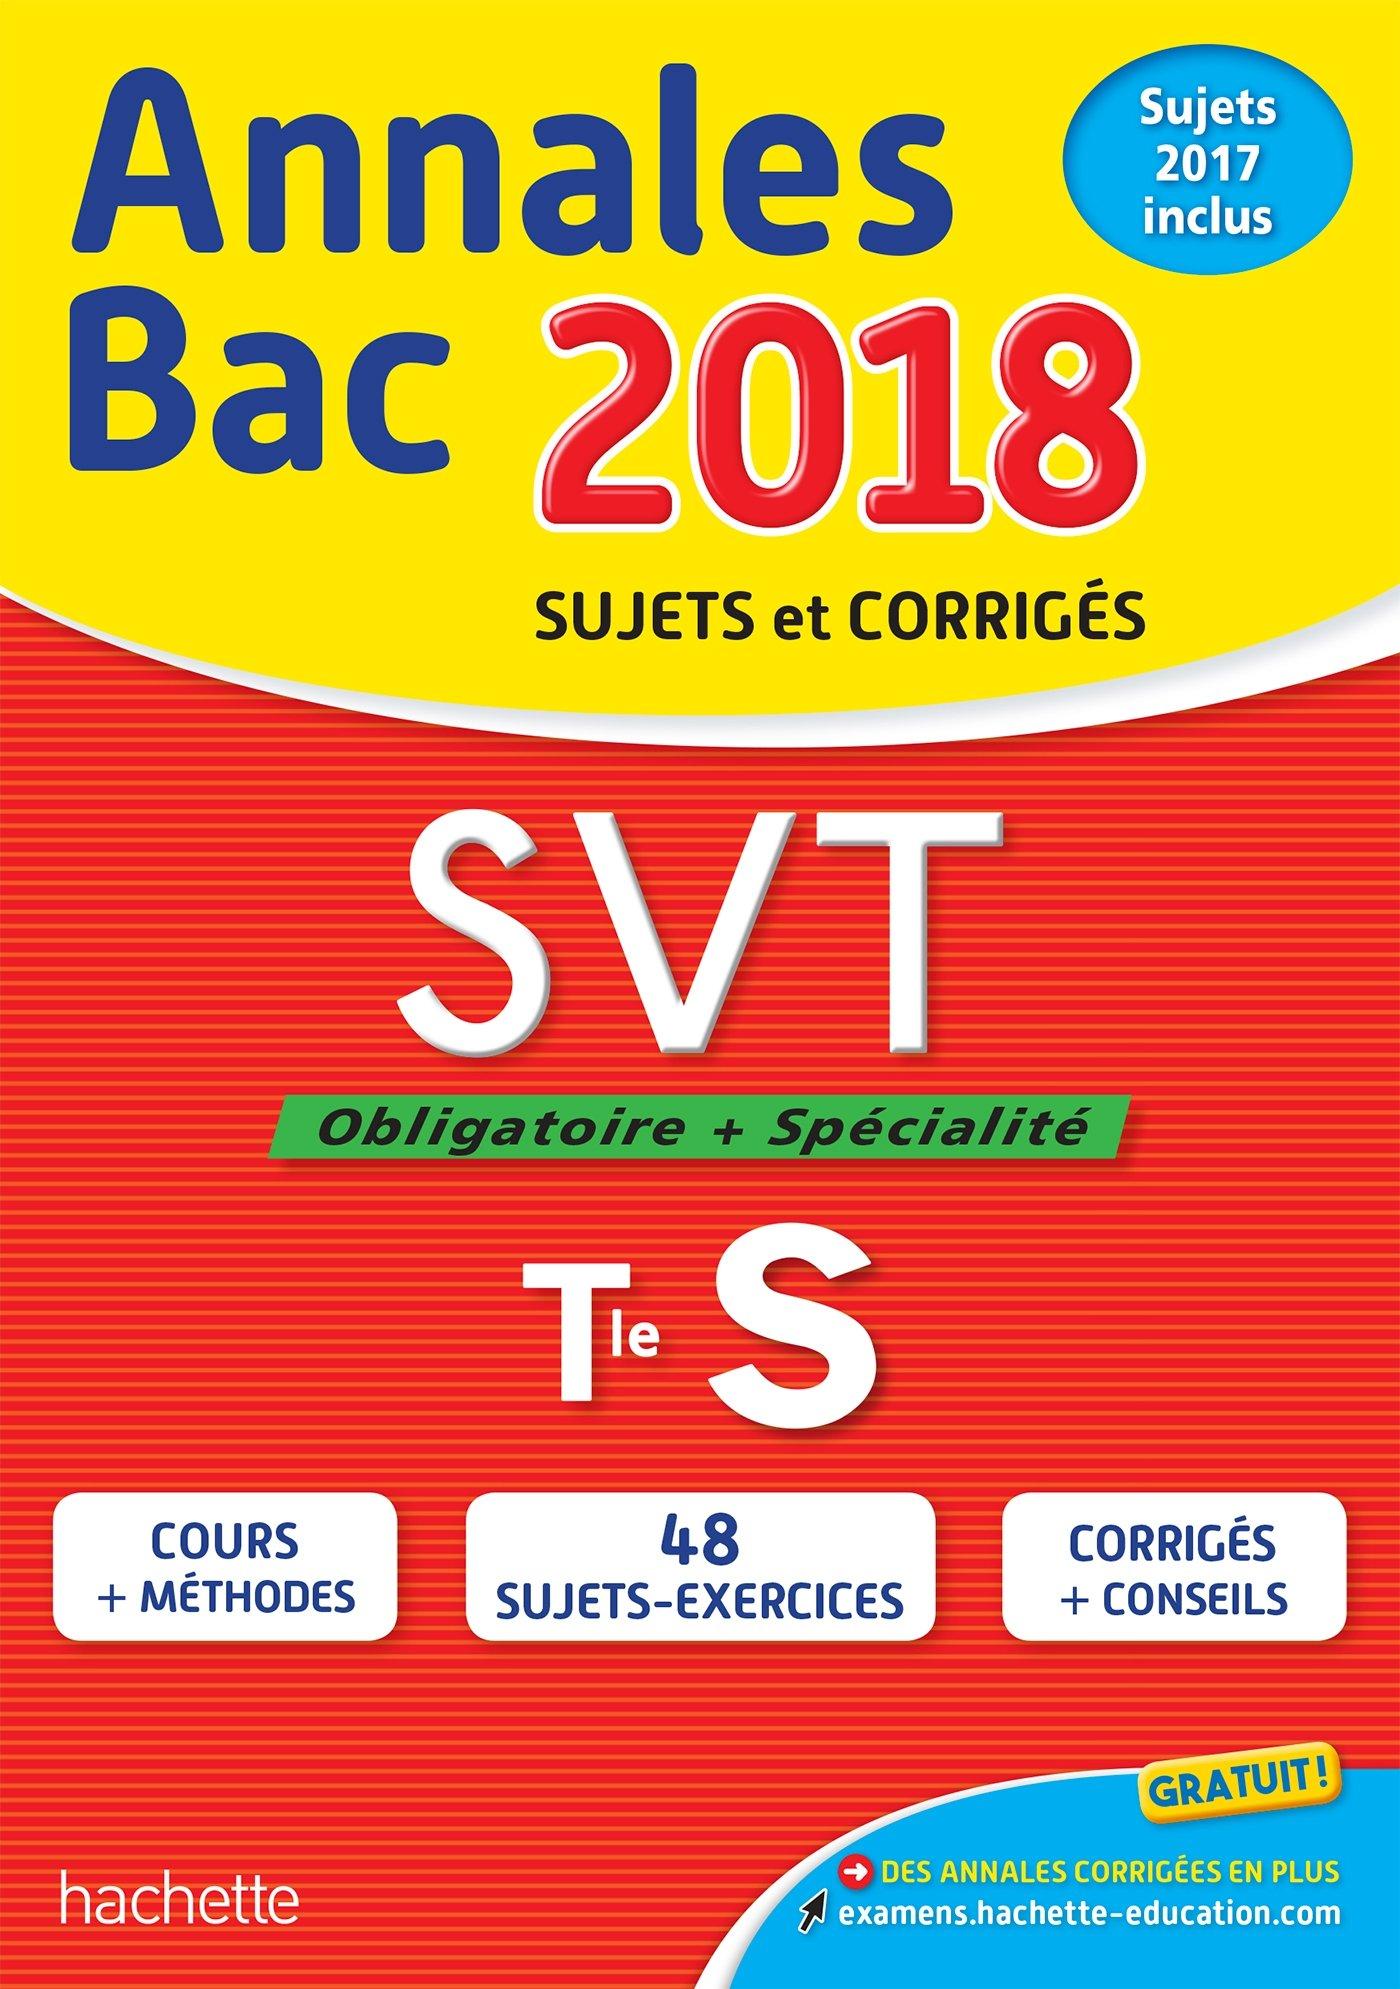 Annales Bac 2018 SVT Term S (Annales du Bac): Amazon.es: Patrice Delguel, Nathalie Fabien: Libros en idiomas extranjeros